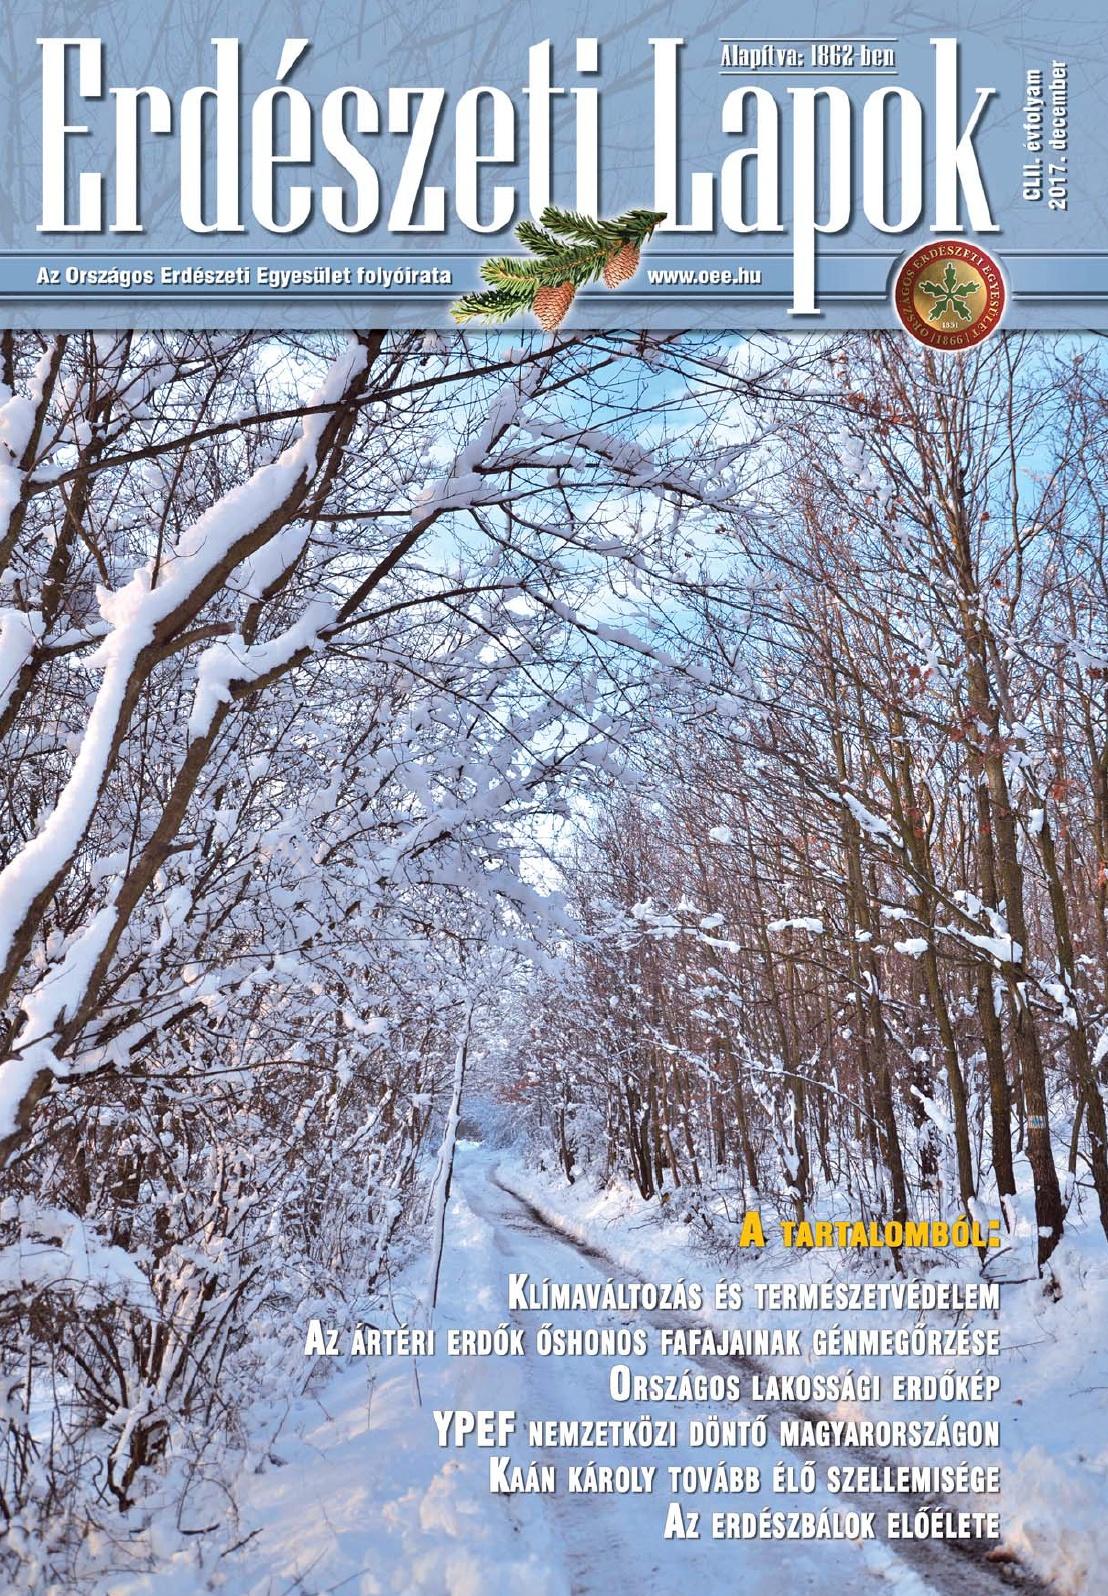 Erdészeti Lapok - 152. évfolyam - 2017. december